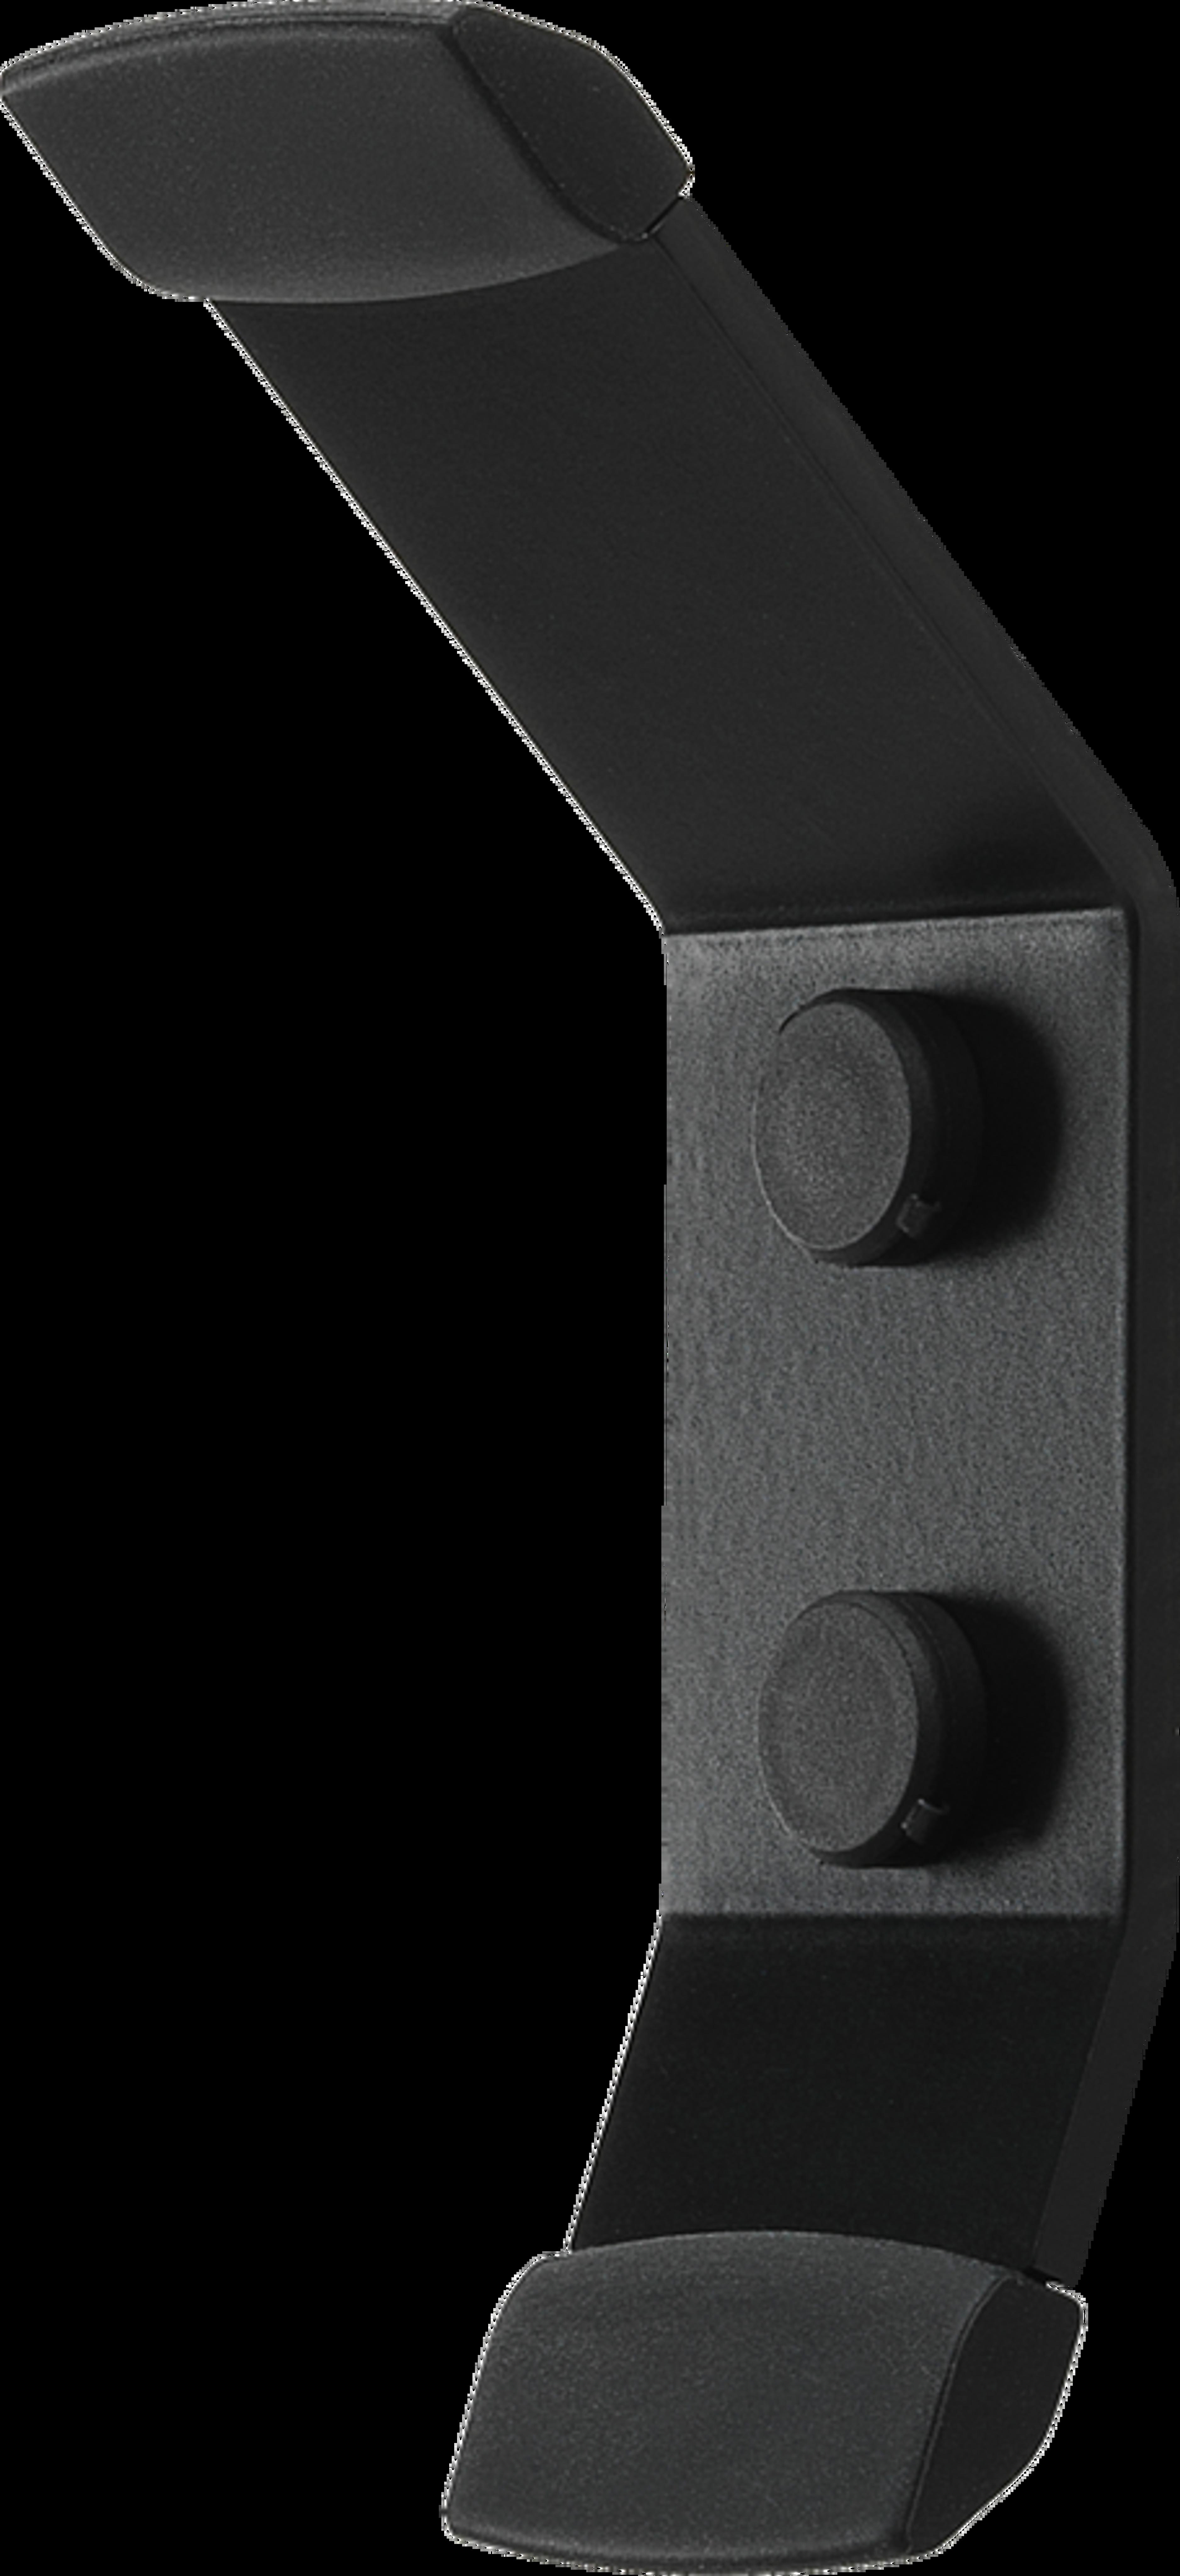 Fixation murale Flexson pour Sonos Move noire - profil